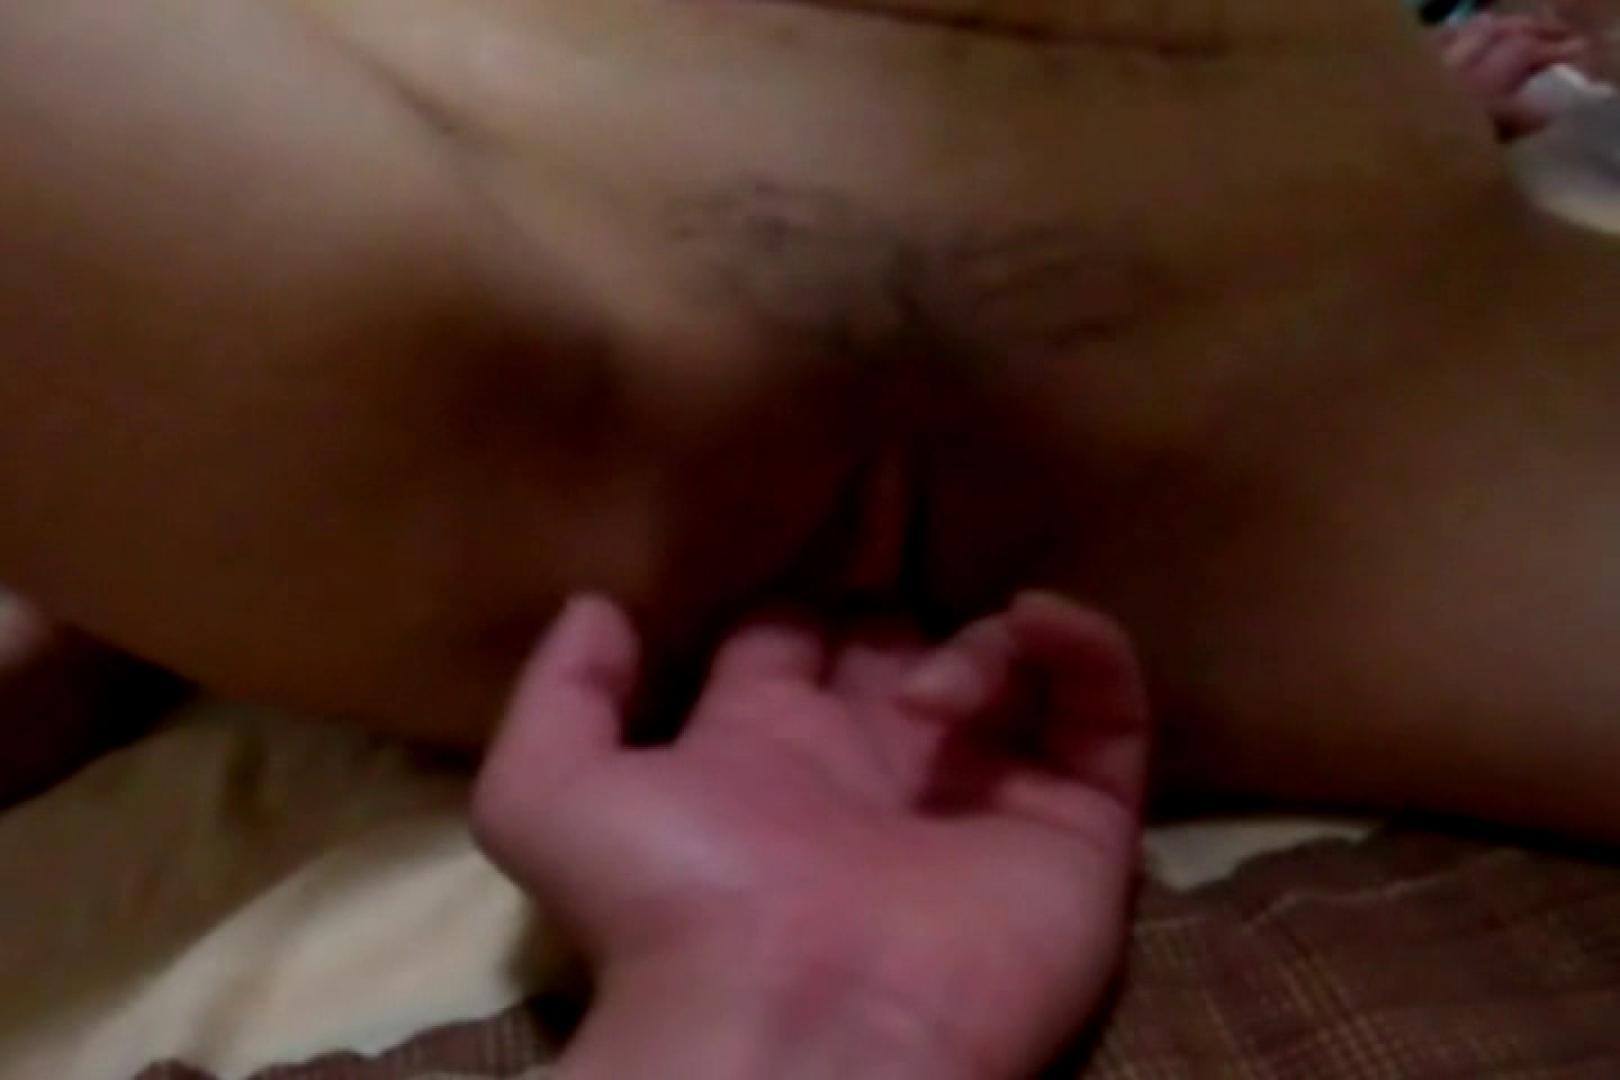 ウイルス流出 Ownerのハメ撮り映像 無修正マンコ   プライベート投稿  61PIX 21